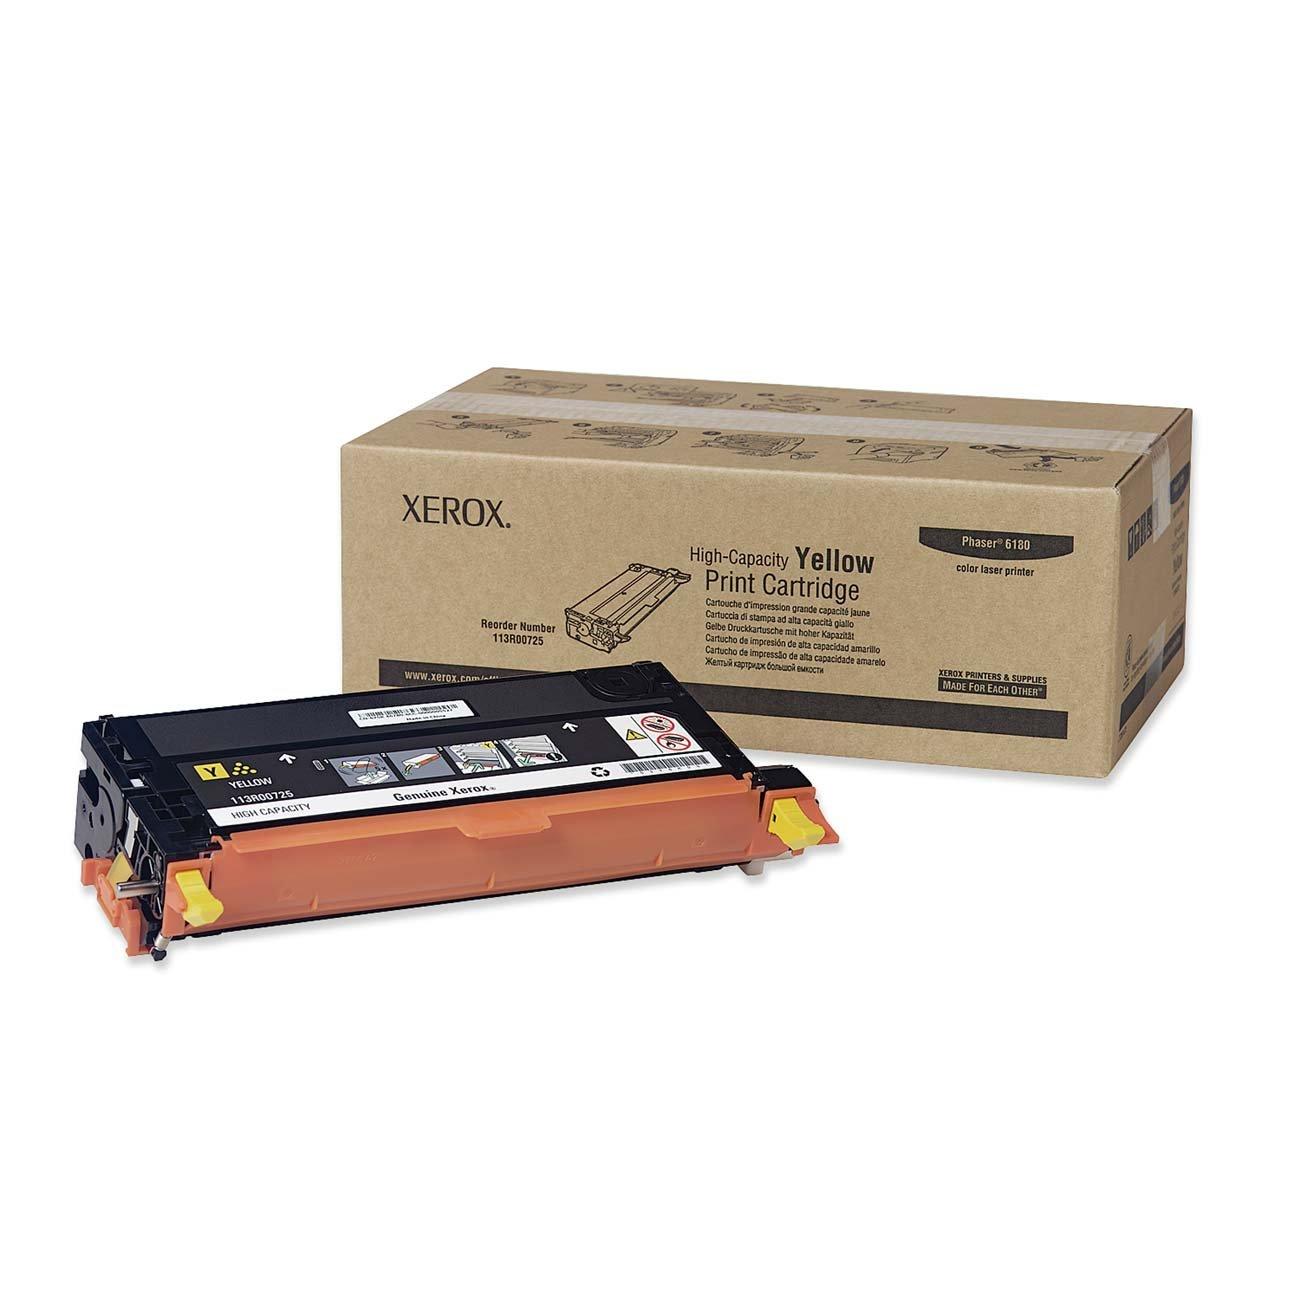 Toner Original XEROX 113R00725 Phaser 6180 (Yellow)